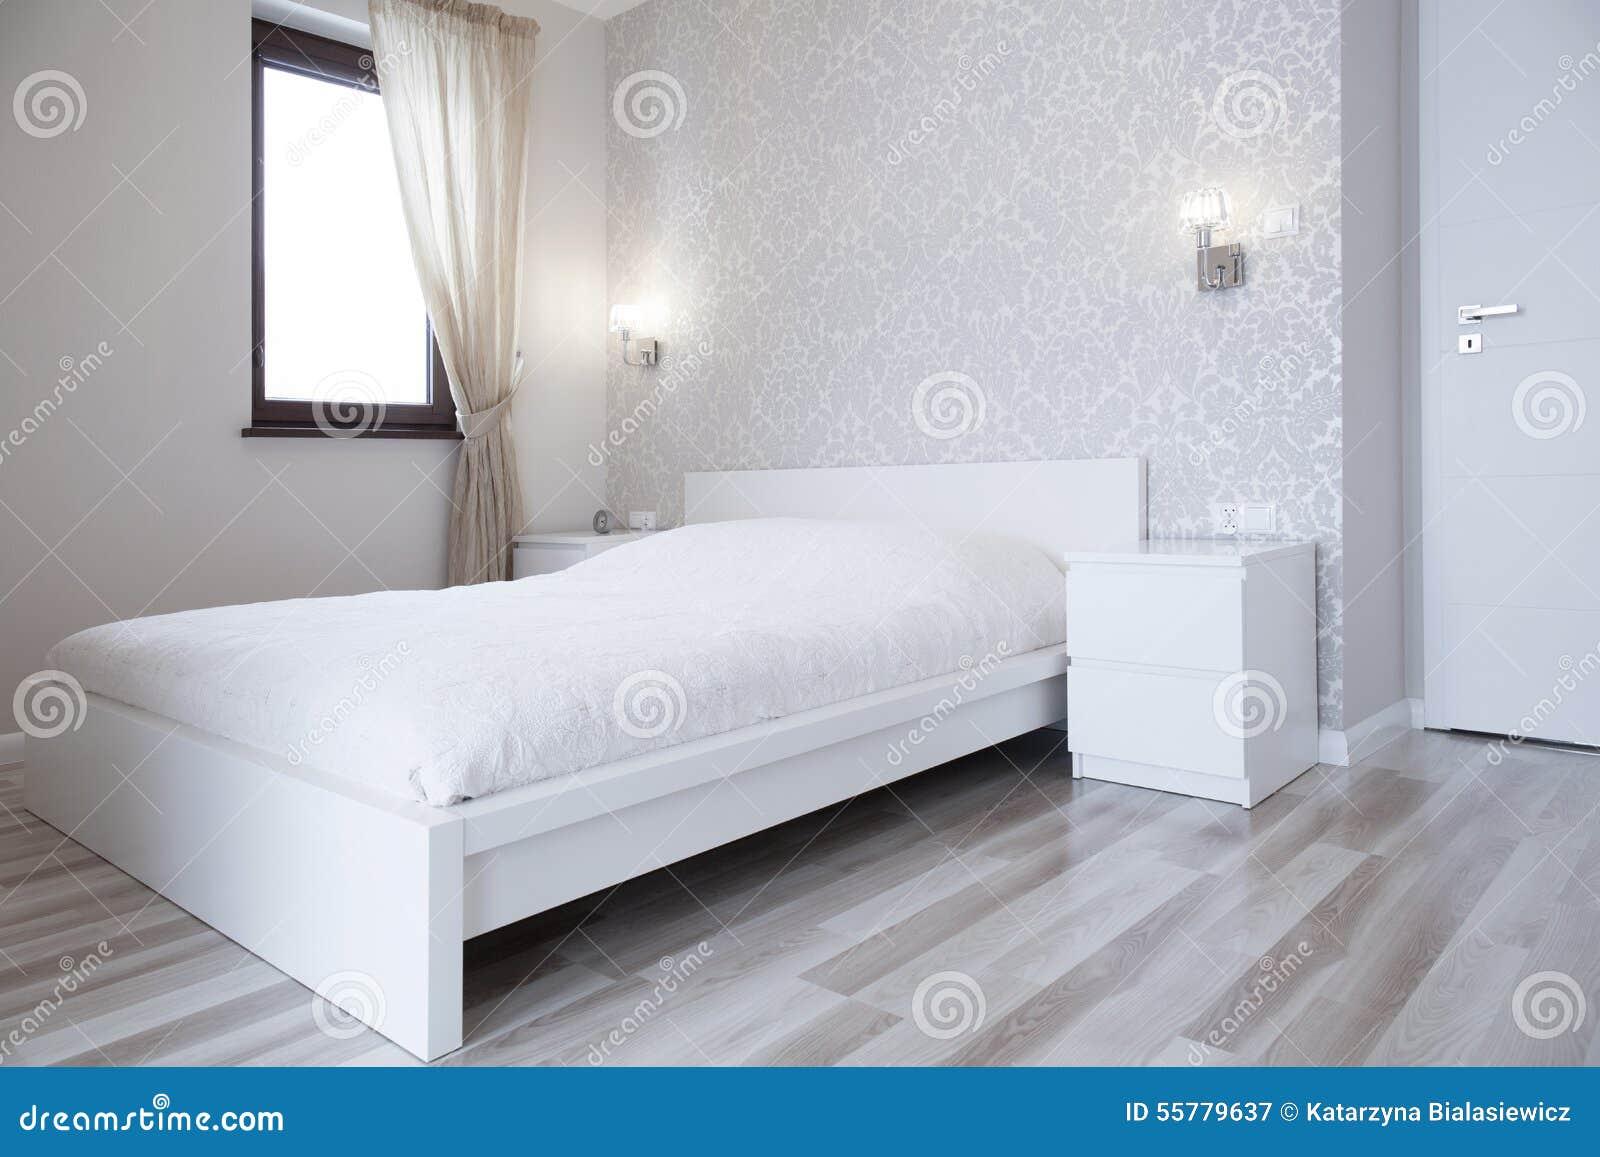 Wit bed in heldere slaapkamer stock afbeelding for Slaapkamer bed